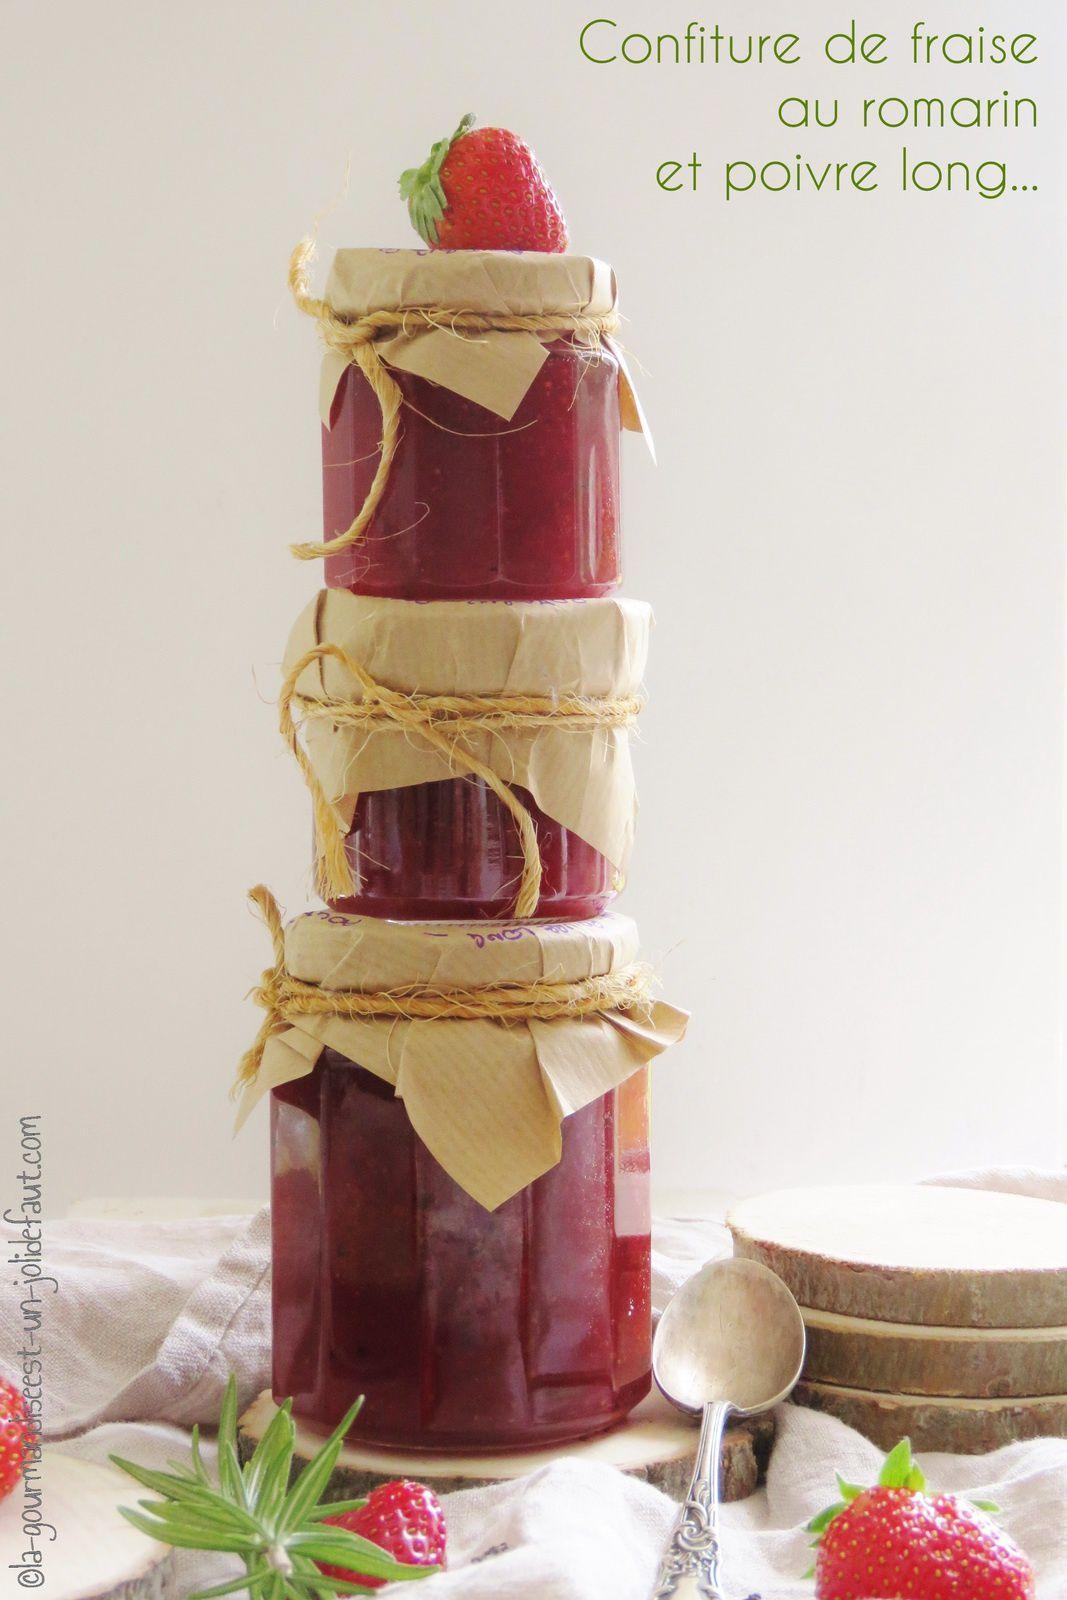 Confiture de fraise au poivre long et romarin